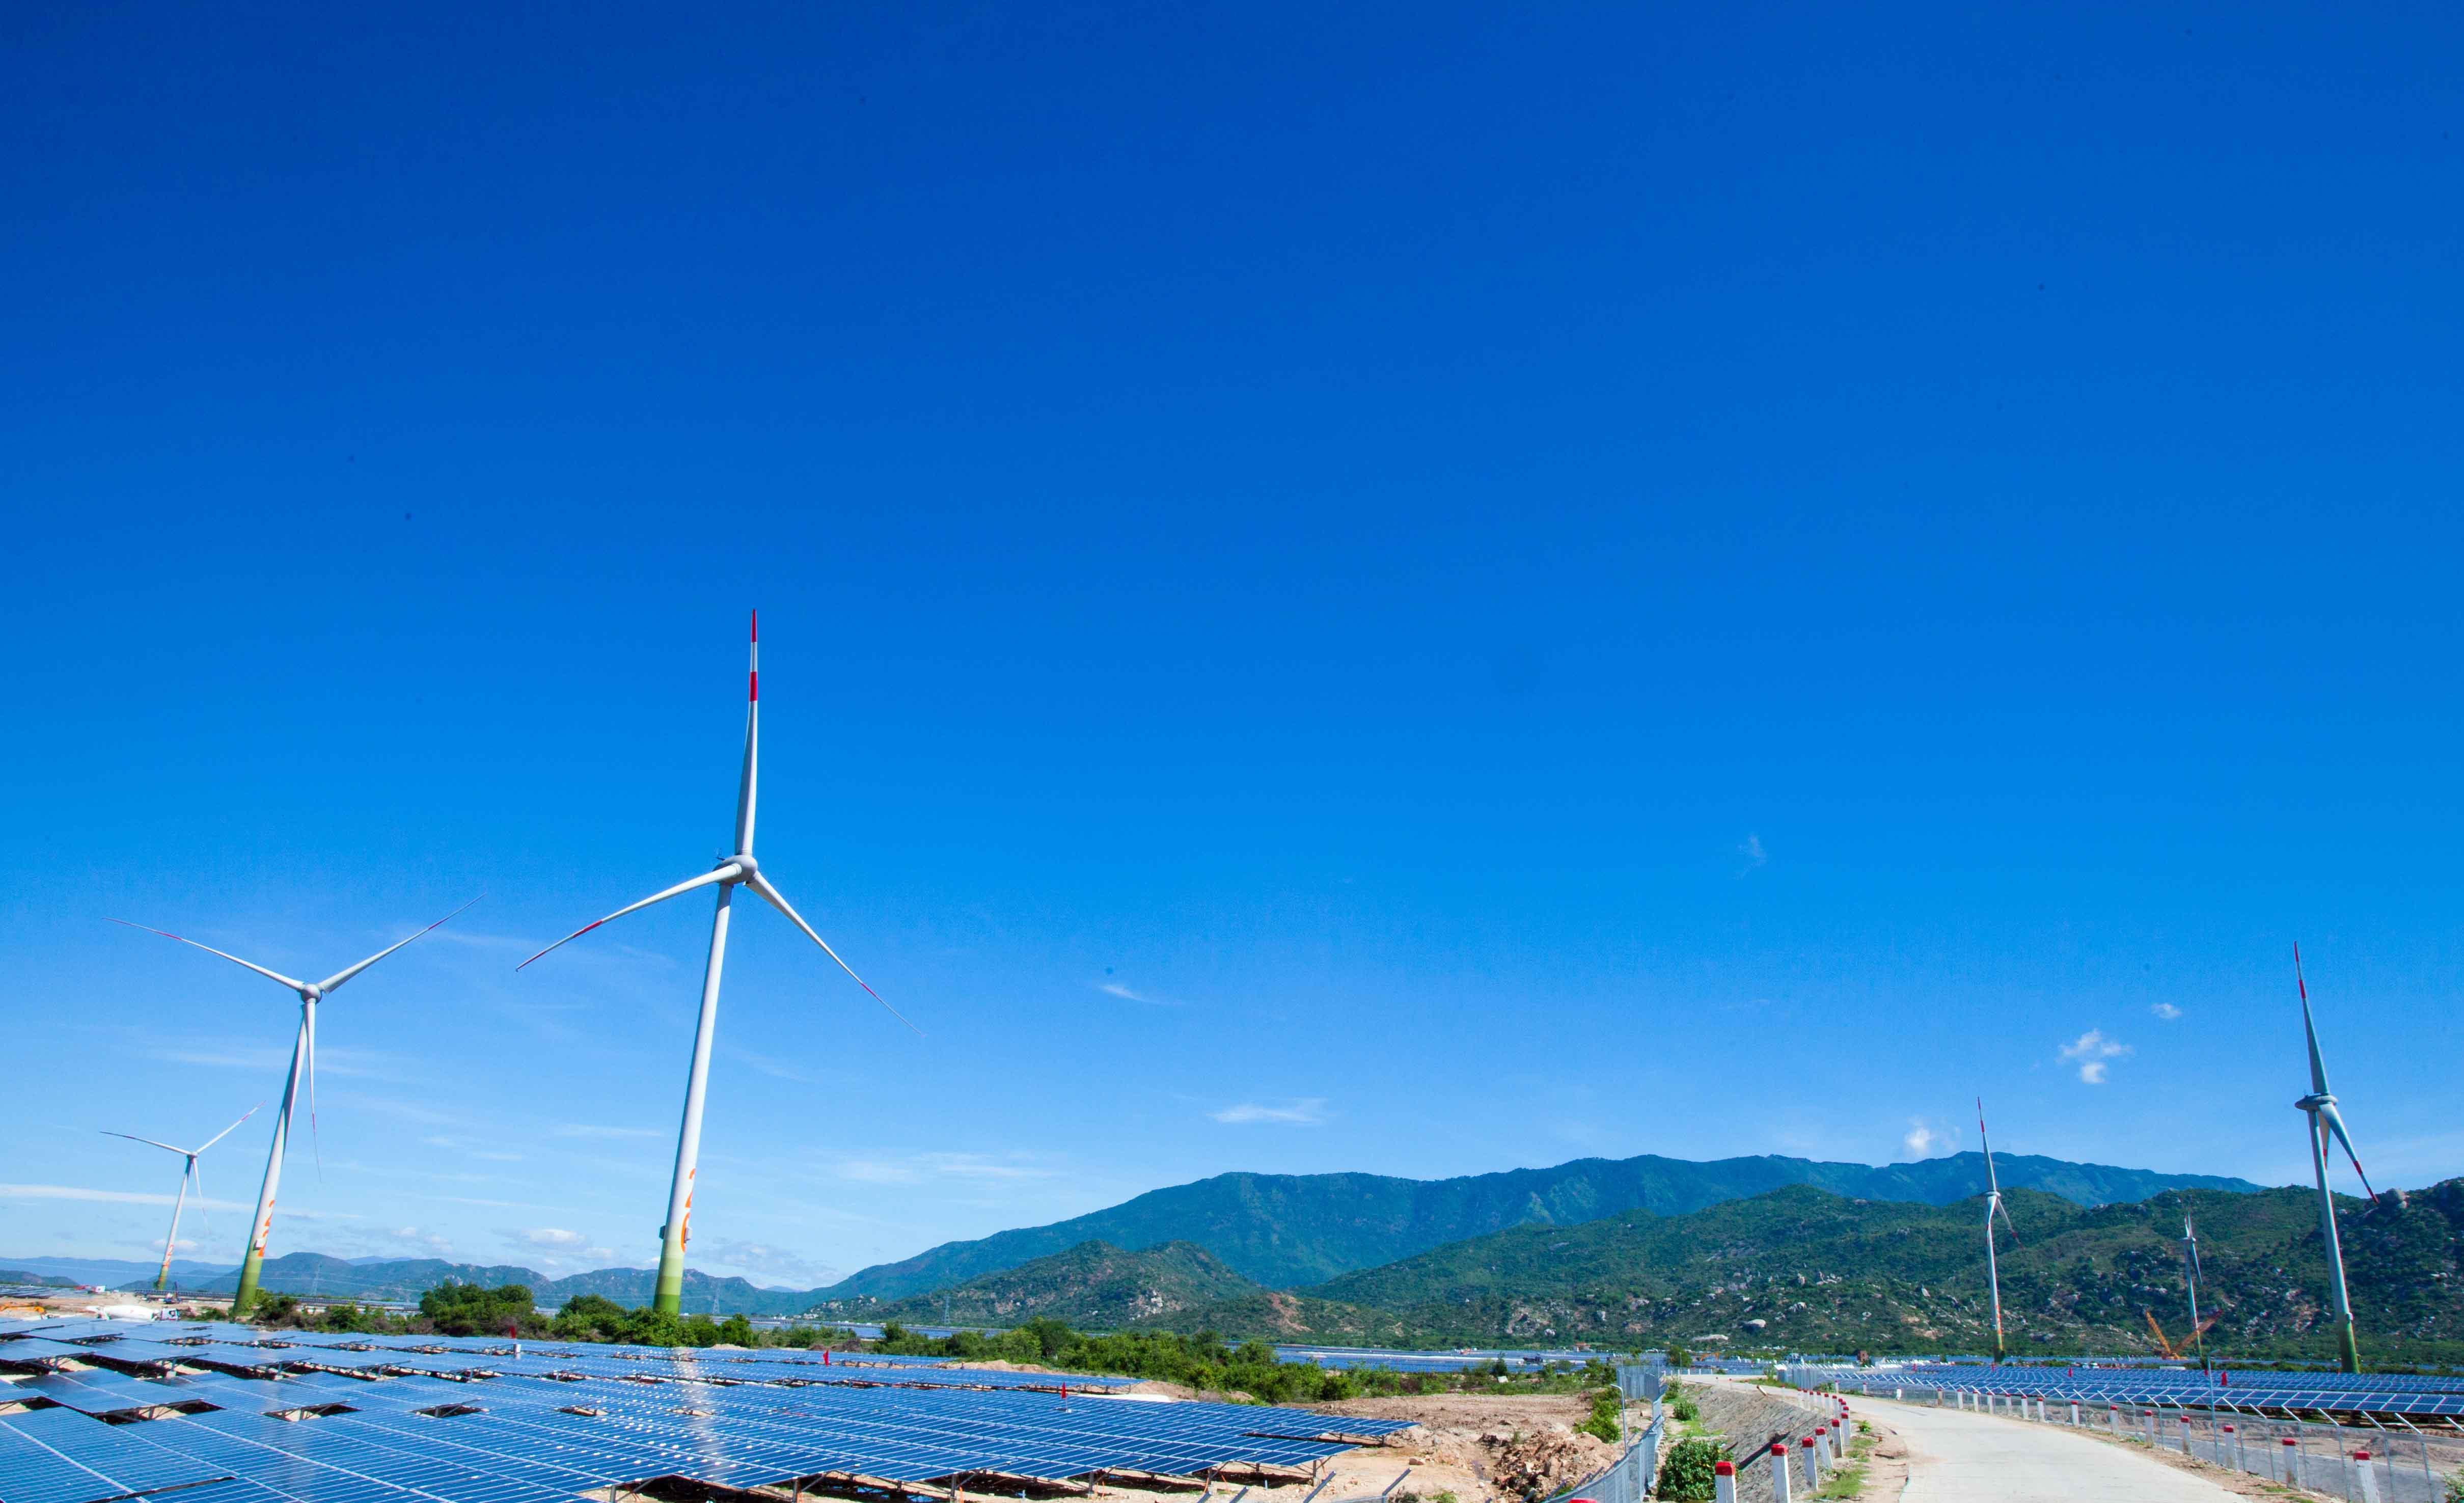 Bao bọc bởi 3 mặt là núi, một bên là biển cả, tổ hợp trang trại năng lượng tái tạo điện mặt trời và điện gió Trung Nam tại Mũi Dinh là nơi chiêm ngưỡng những chiếc quạt gió khổng lồ đang quay chầm chậm những cánh quạt